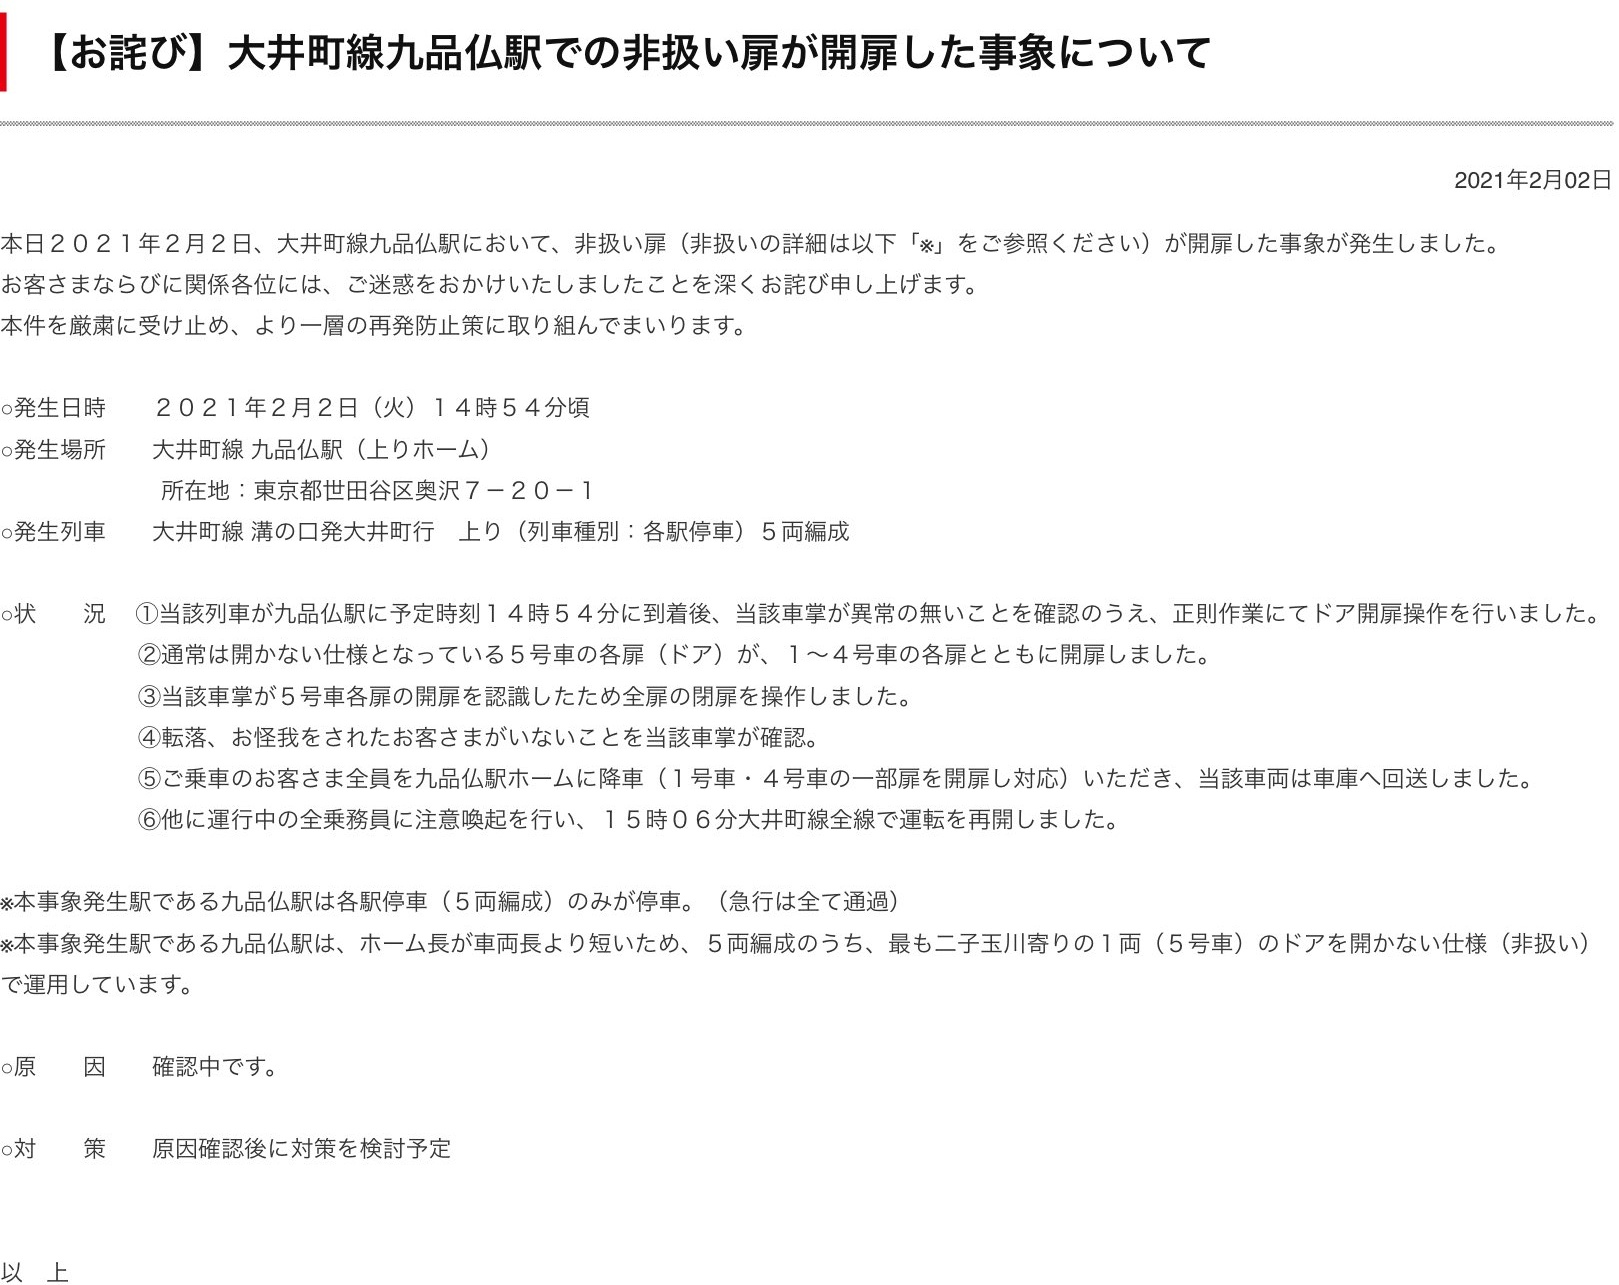 【原因不明】東急大井町線九品仏駅でドア故障 本来開いてはいけない箇所が開いてしまう